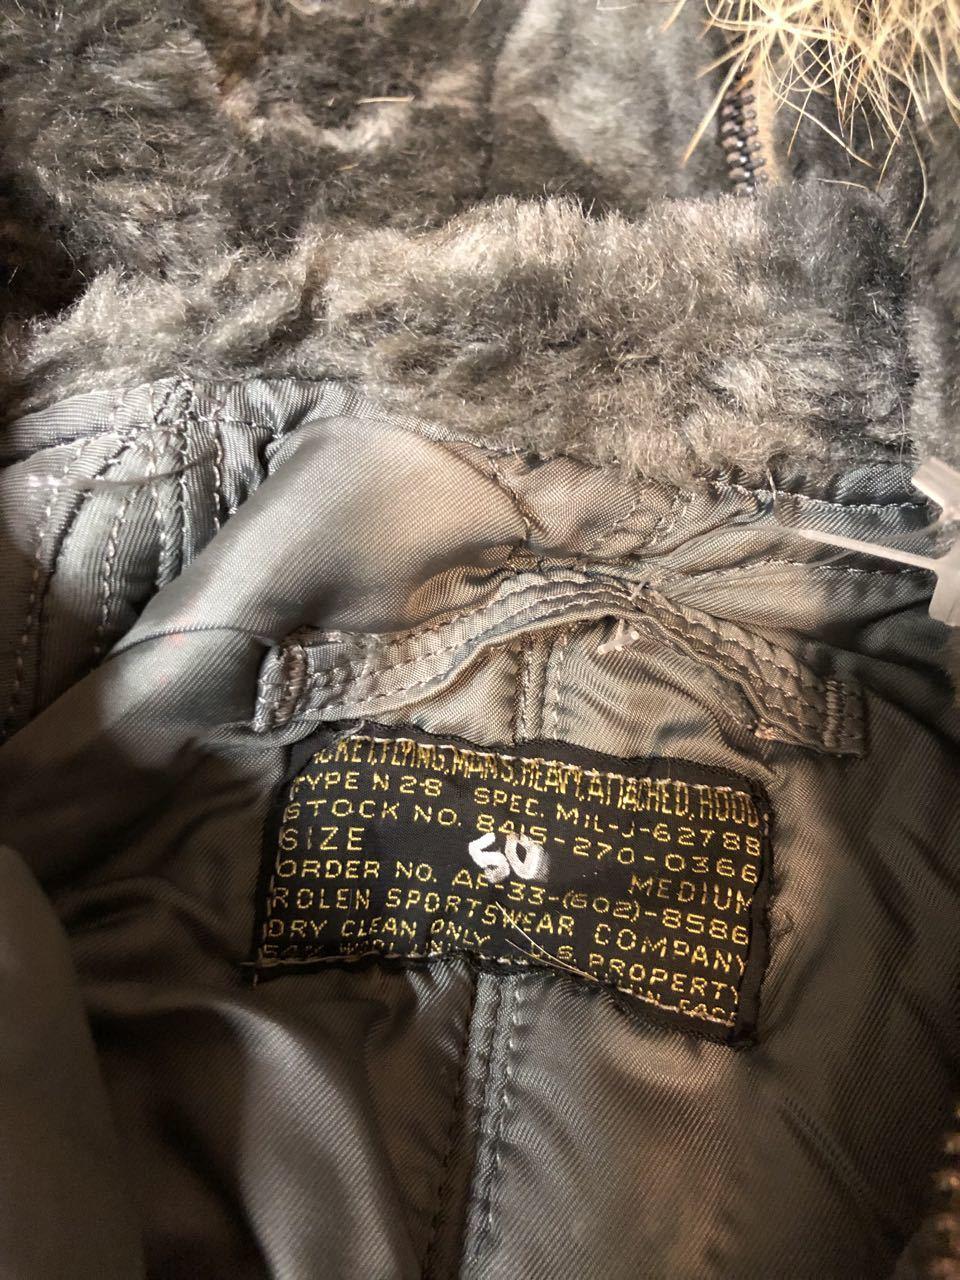 アメリカ仕入れ情報#27 50s U.S.A.F  デカール入り   N-2B フライトジャケット! _c0144020_13252077.jpg